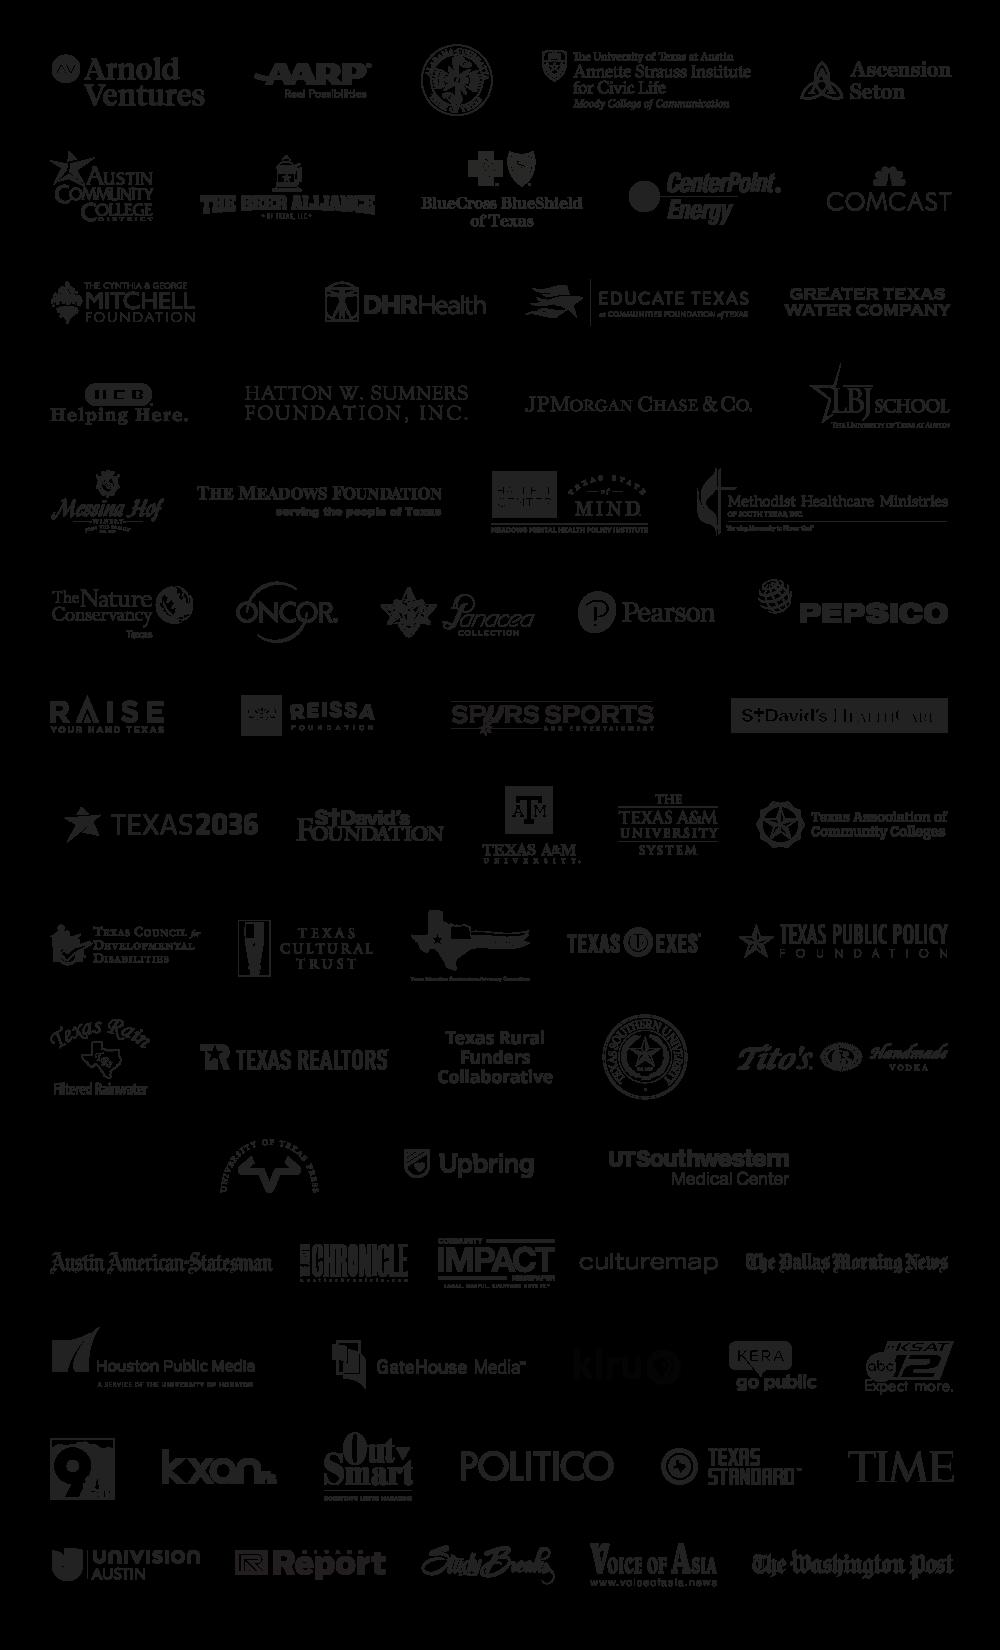 2019 Texas Tribune Festival Sponsors